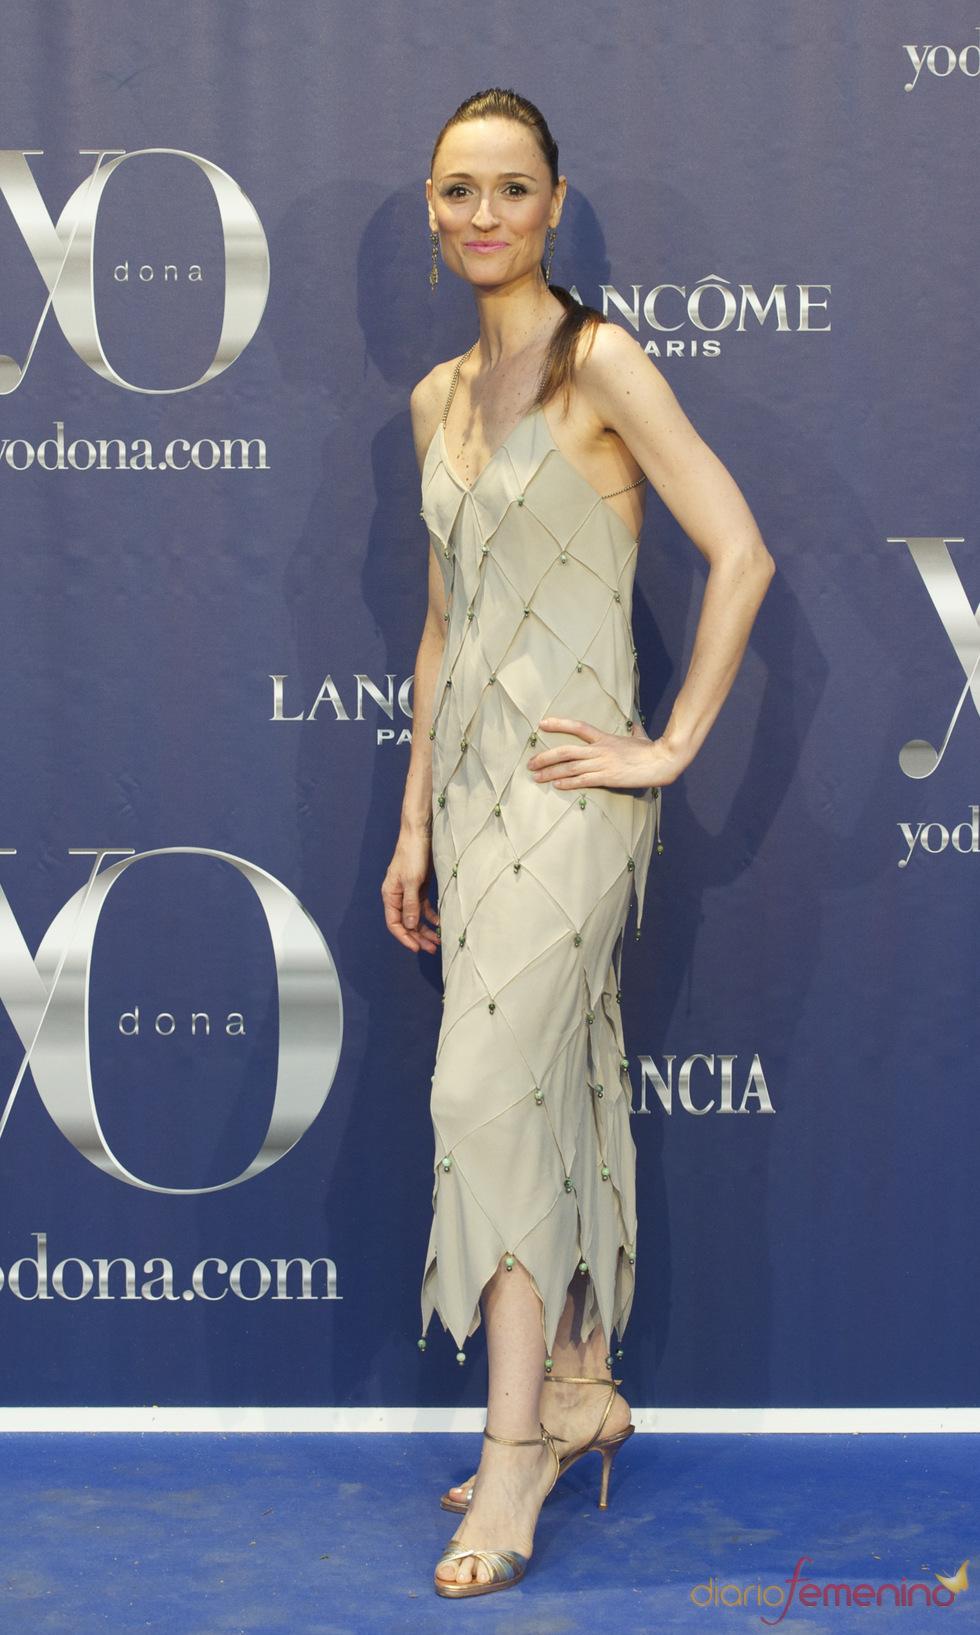 Laura Pamplona en los Premios Internacionales Yo Dona 2011